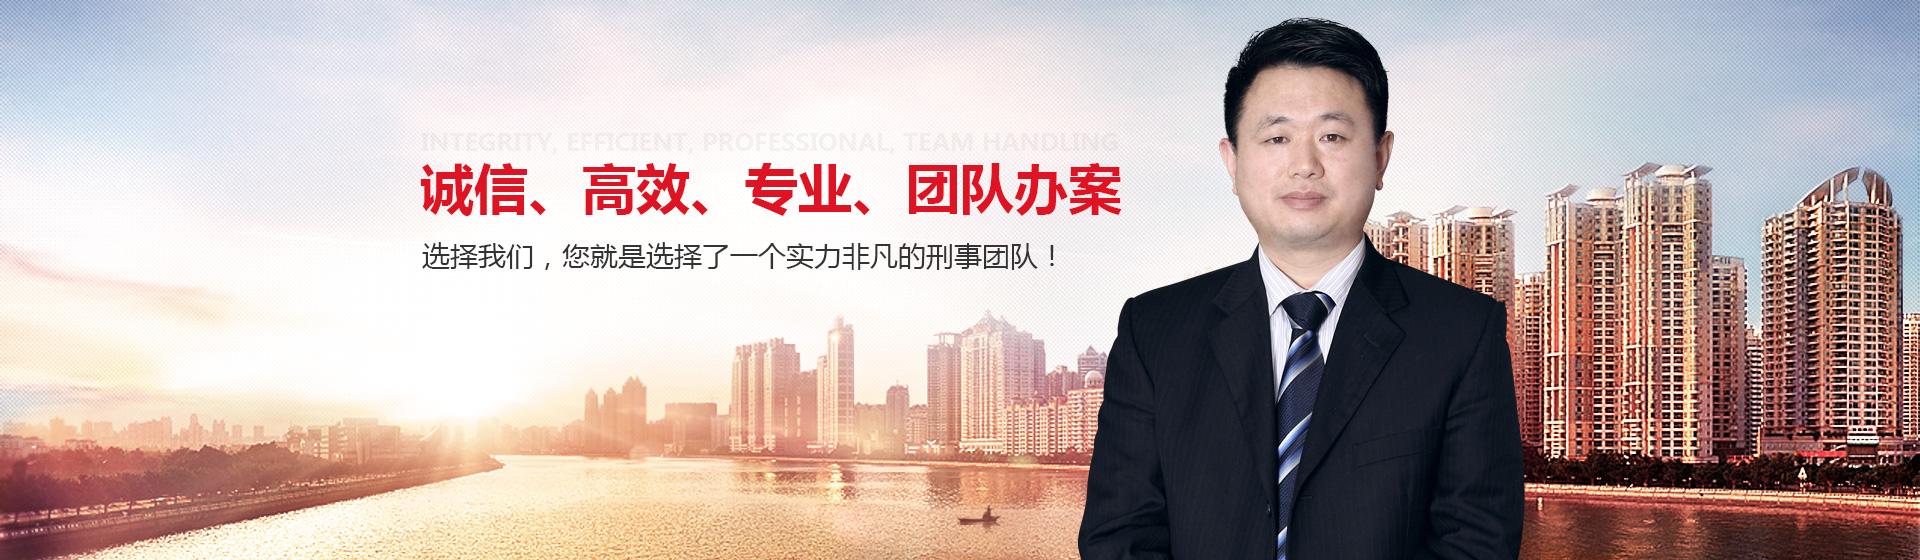 广州毒品律师大图一